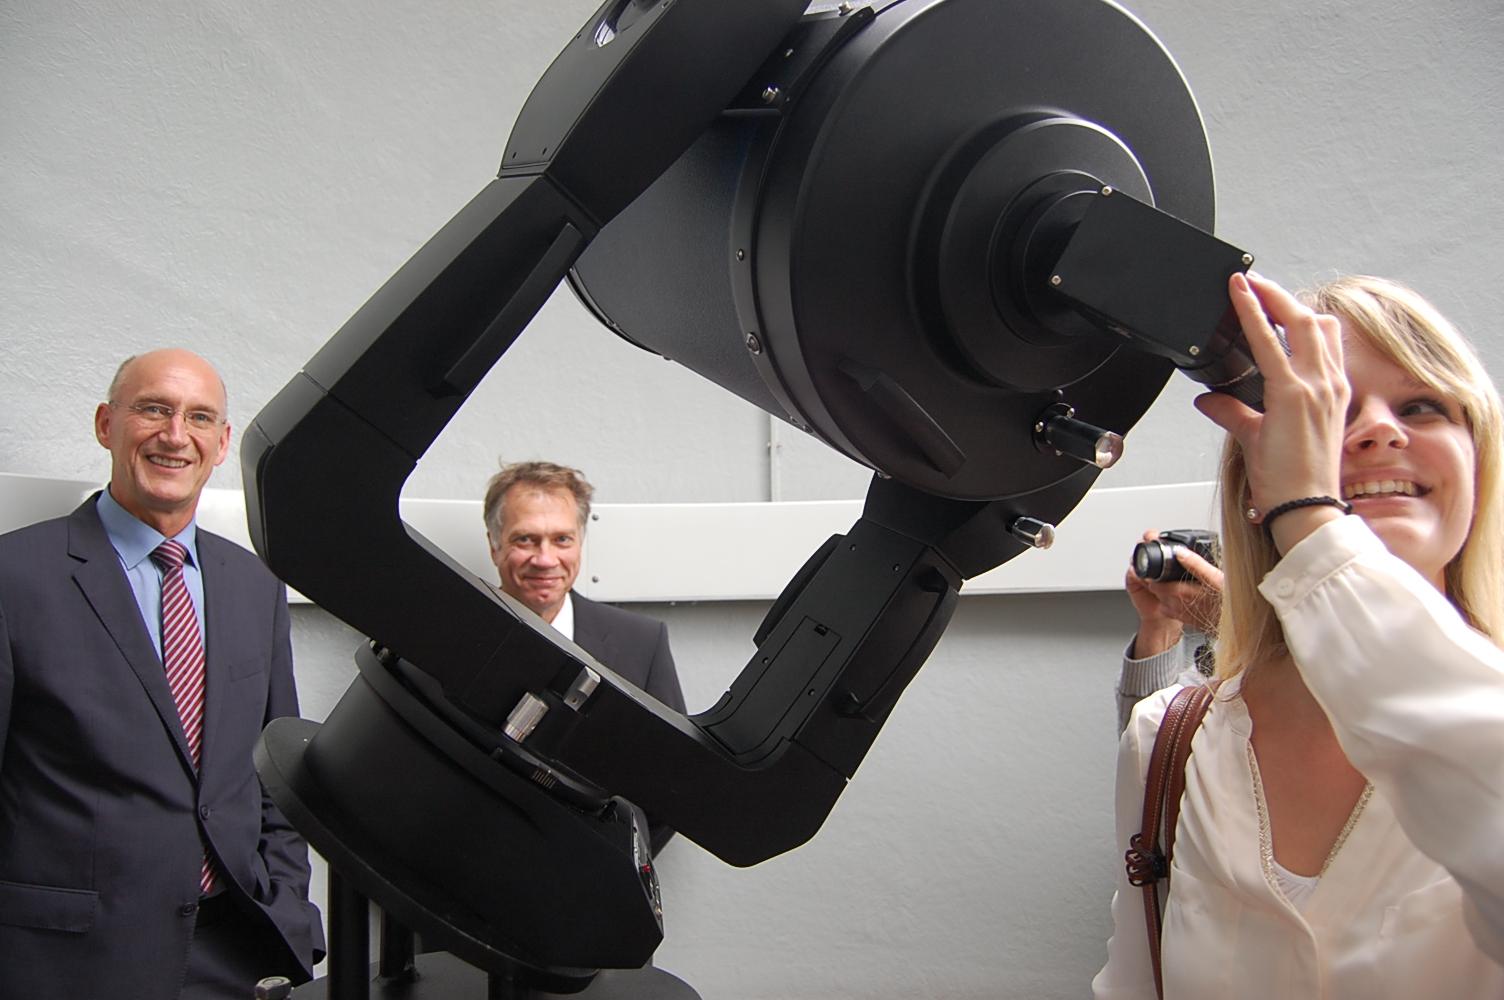 PAZ-Teleskop-Sarah-Mundstock-wagte-einen-ersten-Blick-im-Hintergrund-Franz-Einhaus-und-Dr-Jan-Eckhoff